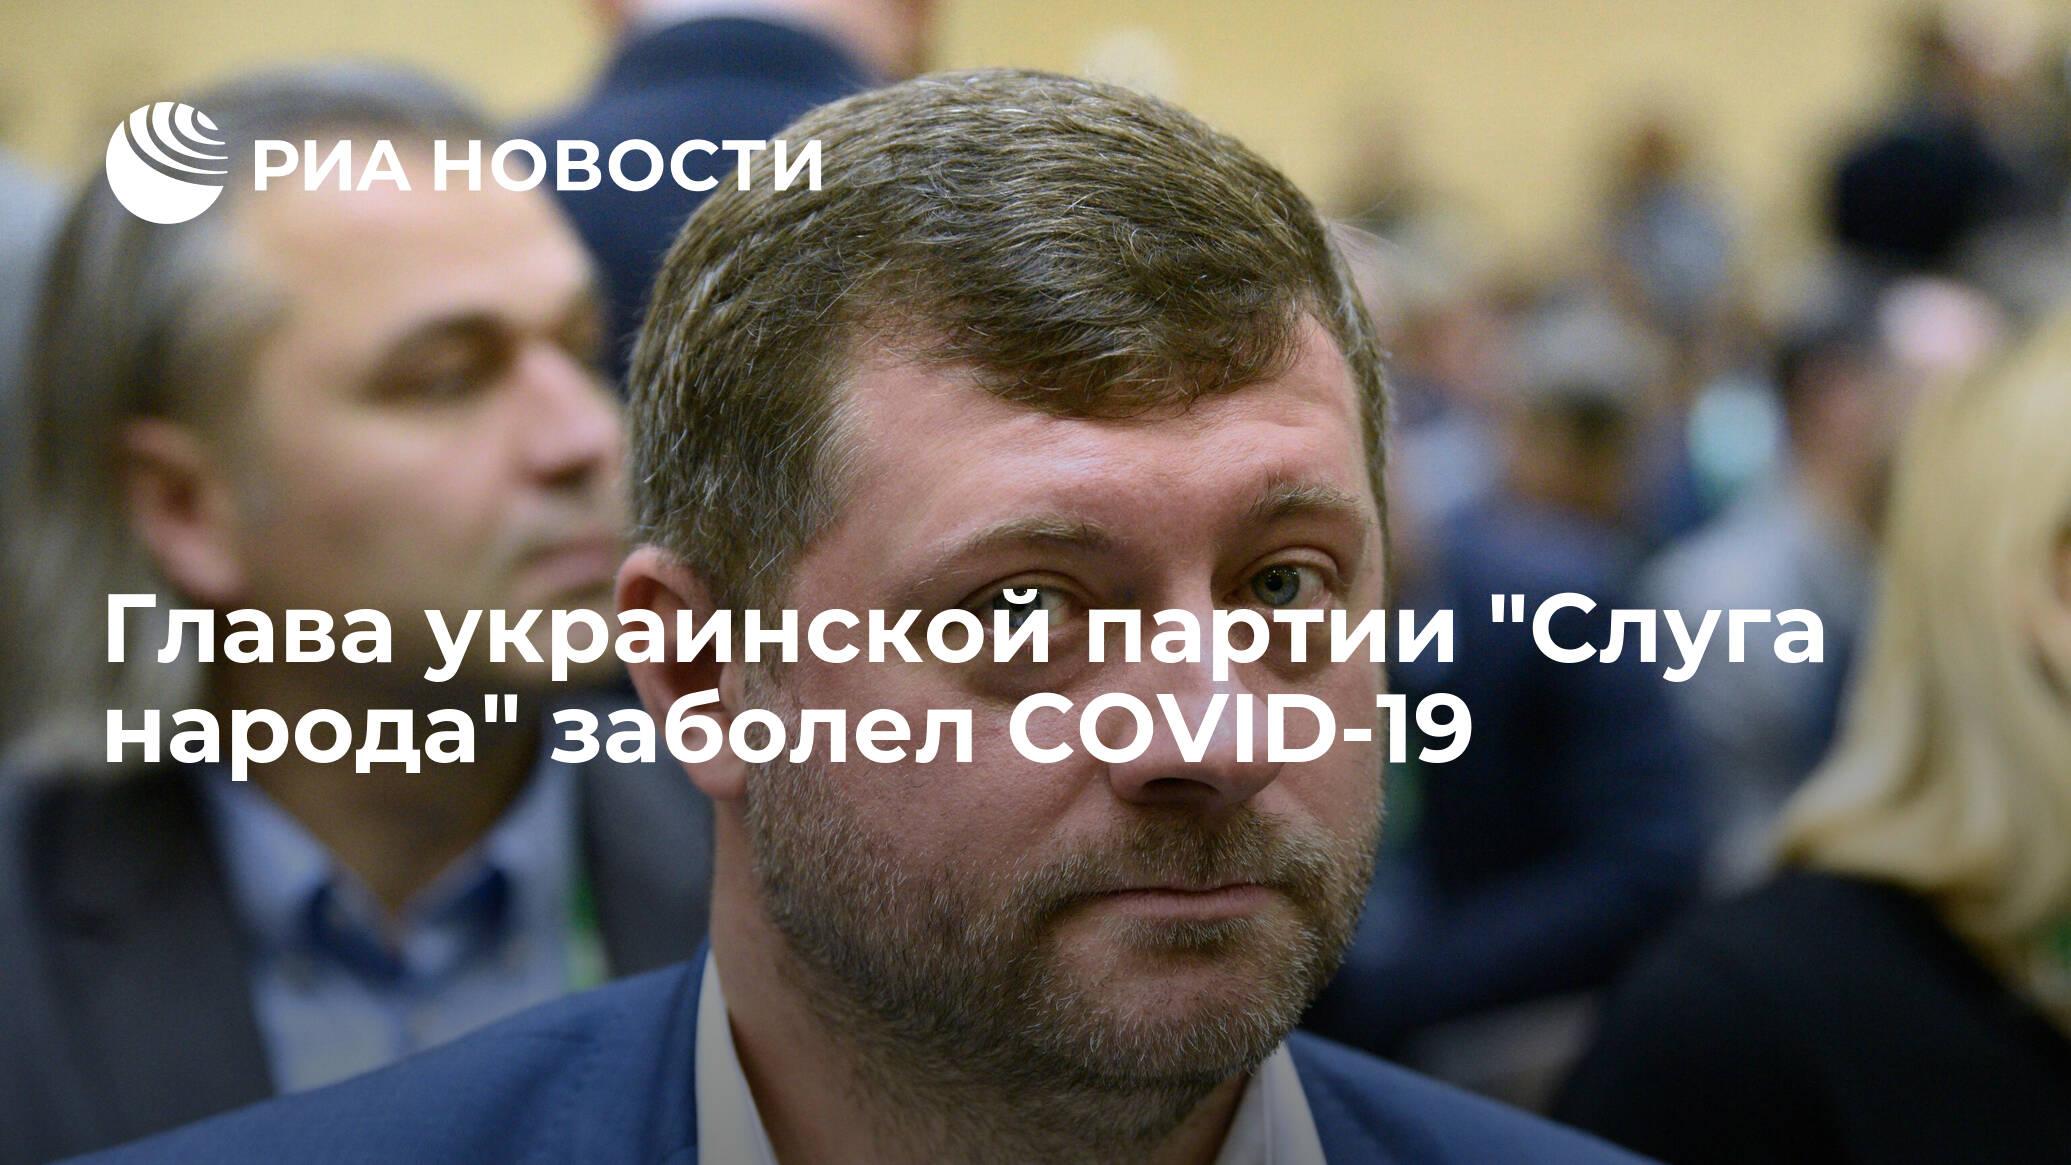 Глава украинской партии `Слуга народа` заболел COVID-19